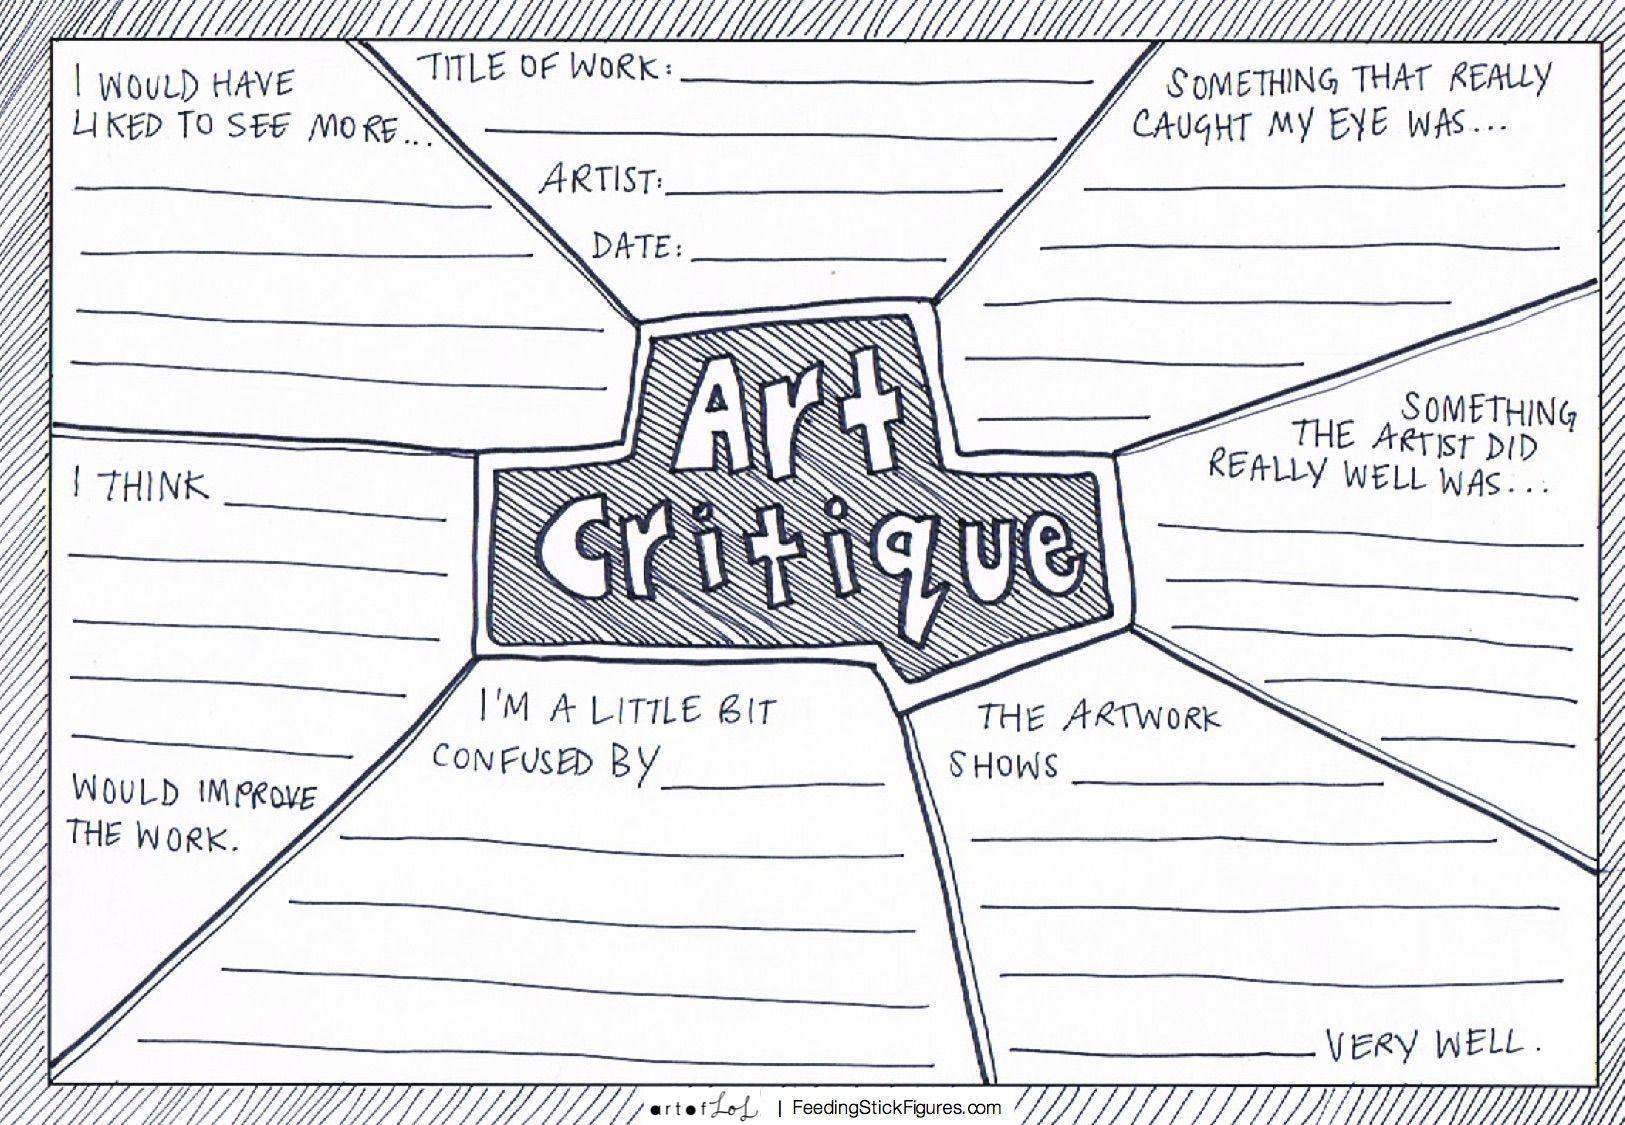 Art Peer Assessment